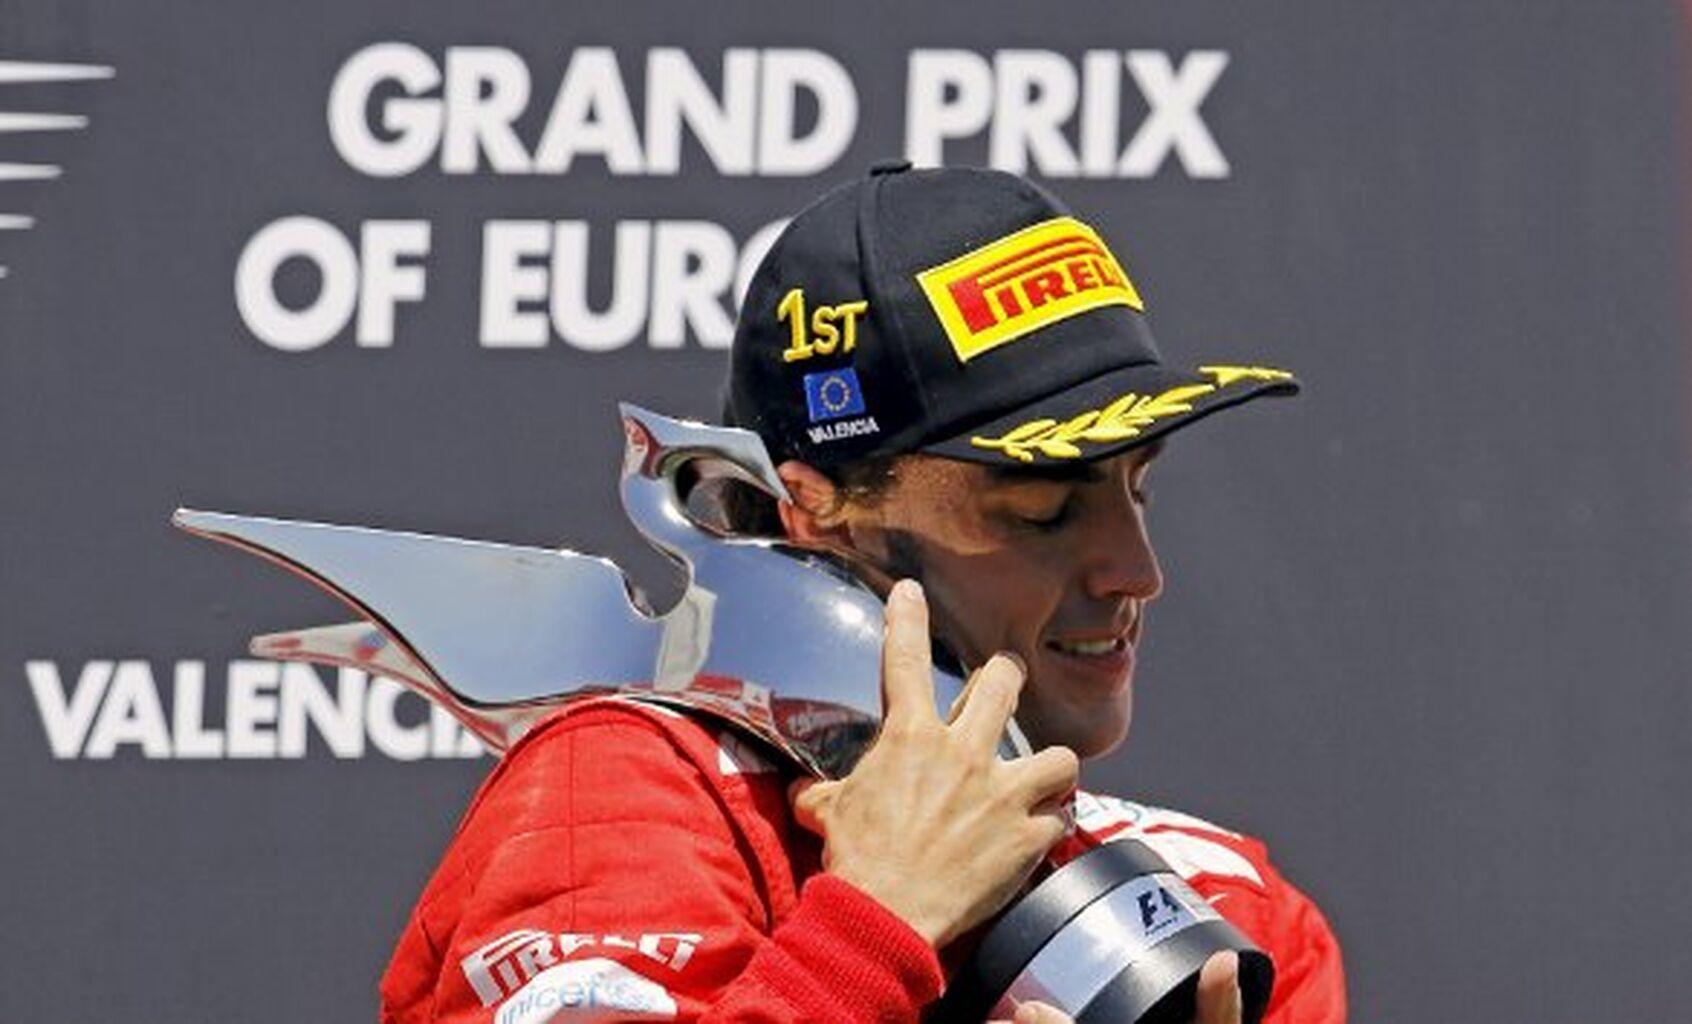 F1 - GP de Europa - Fernando Alonso gana su carrera perfecta en ...